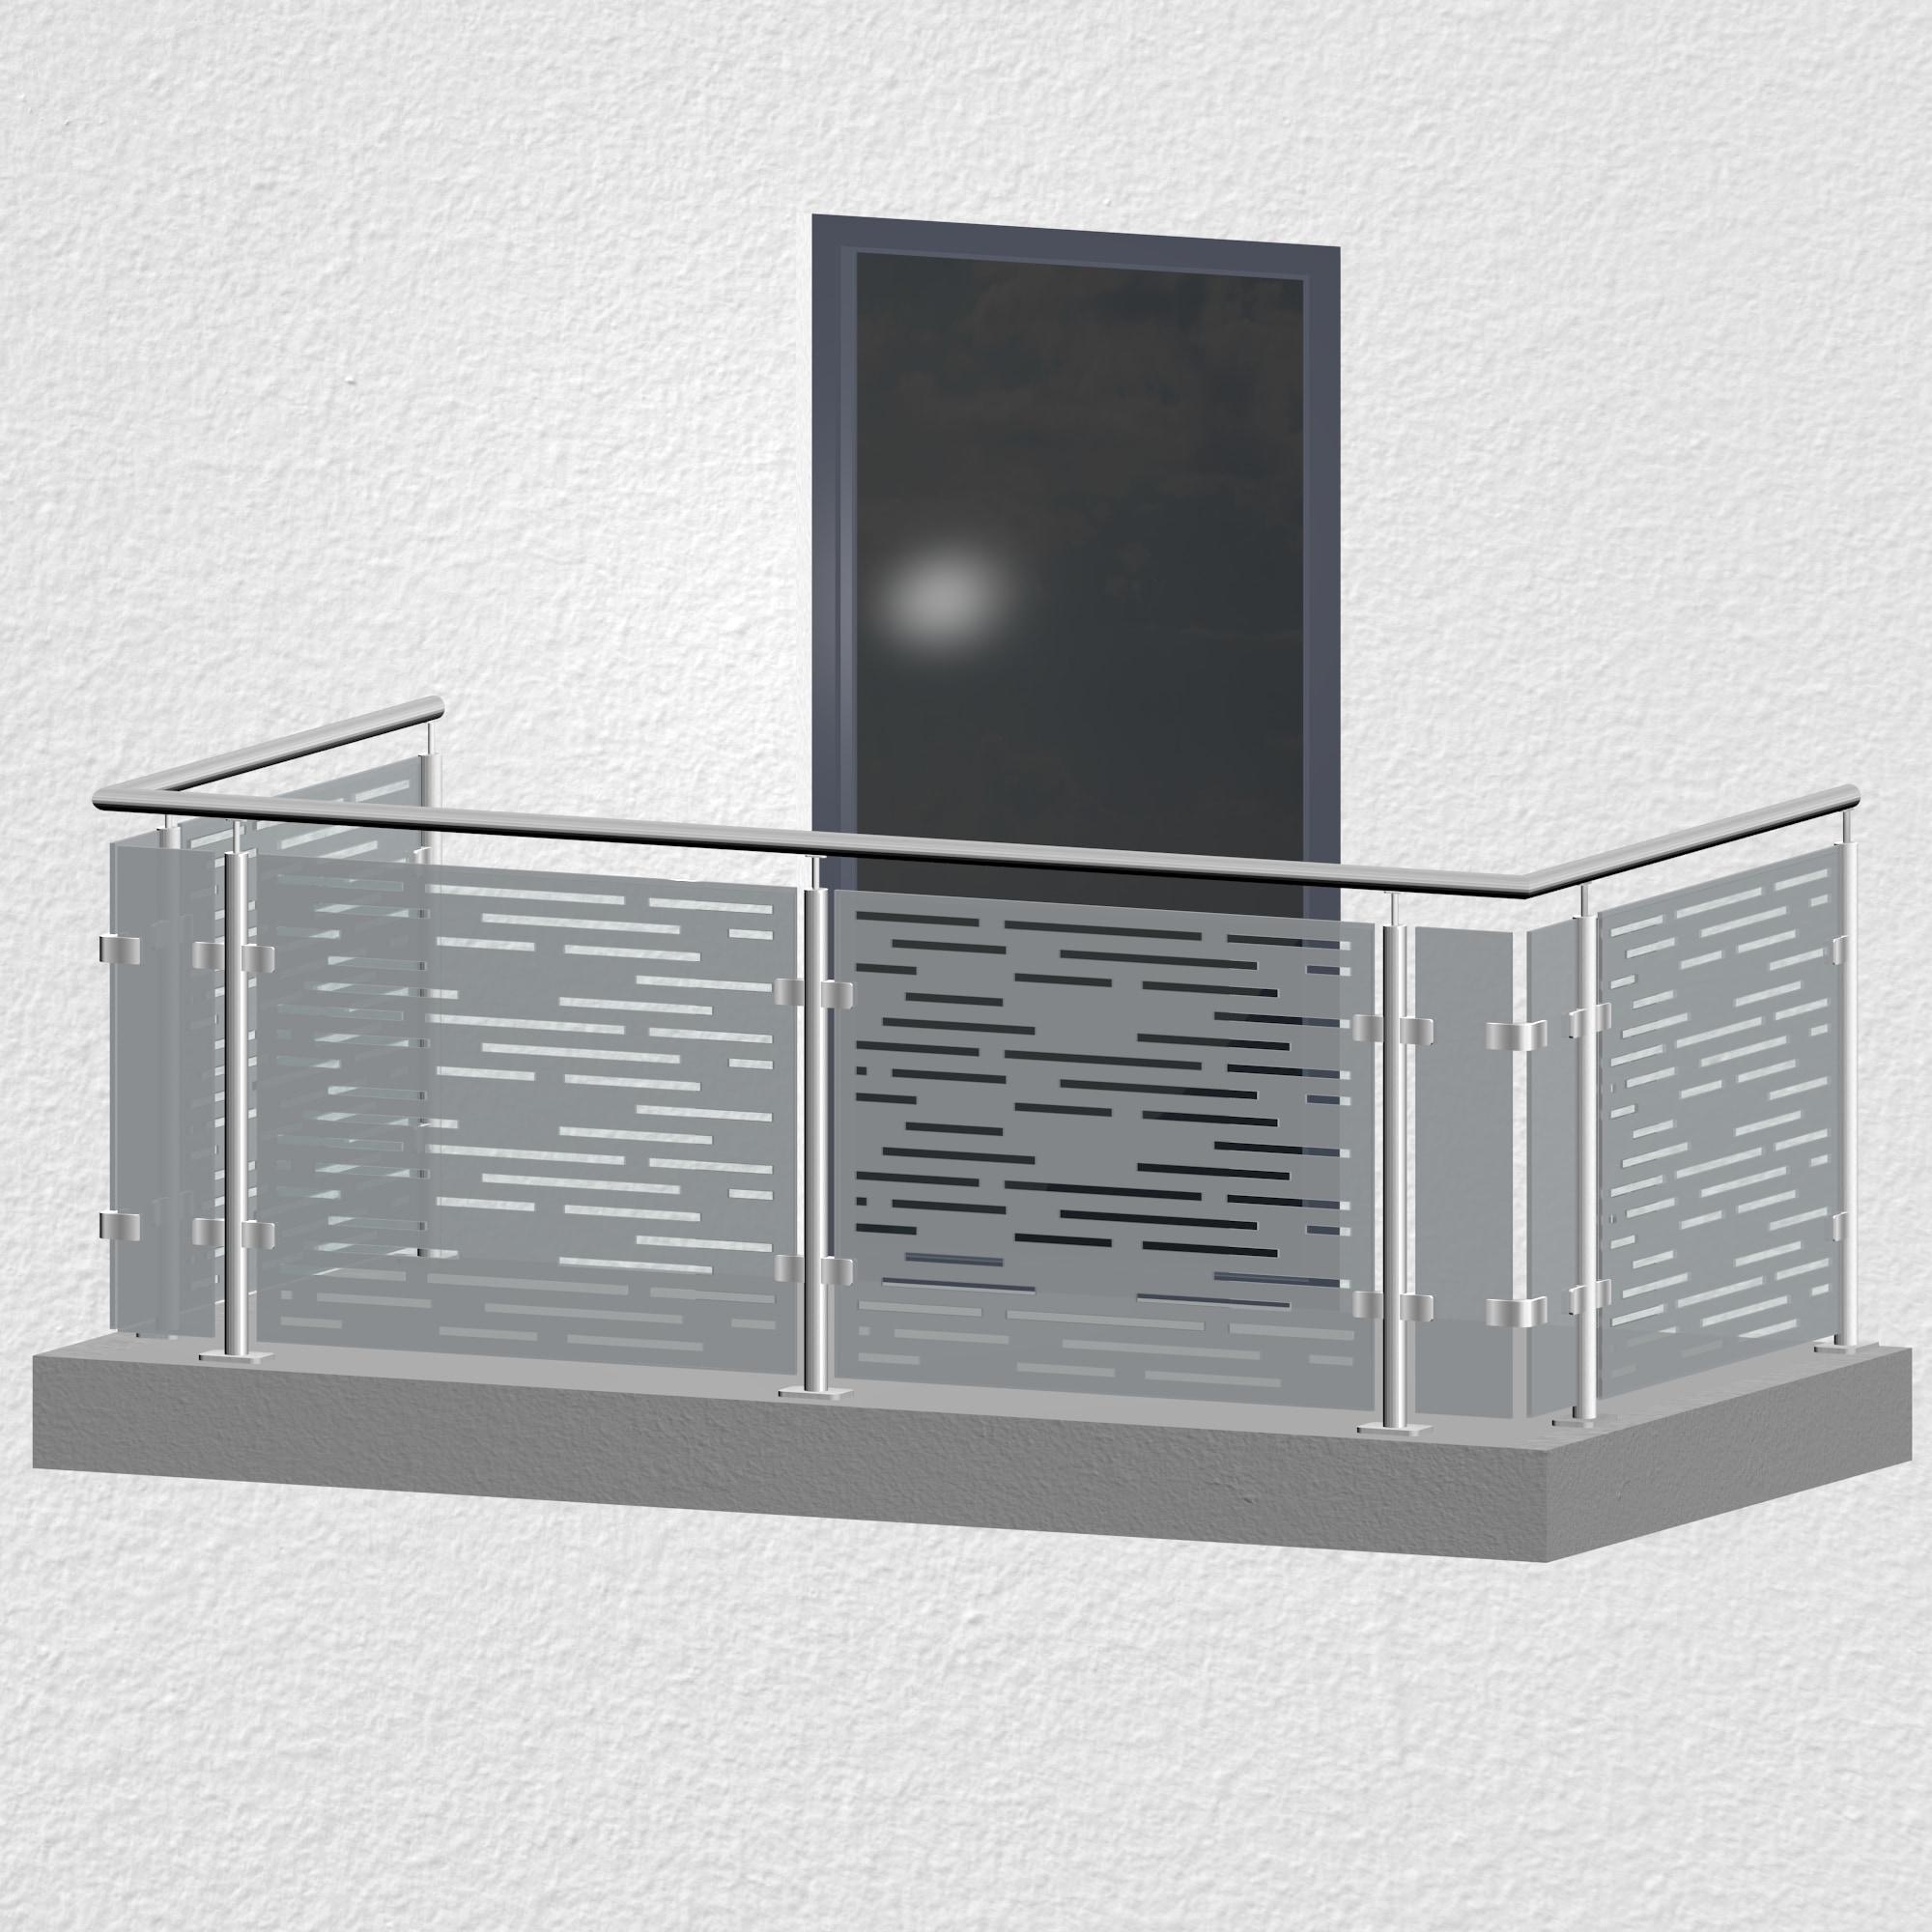 Balkongeländer Edelstahl Designglas SF HO MO